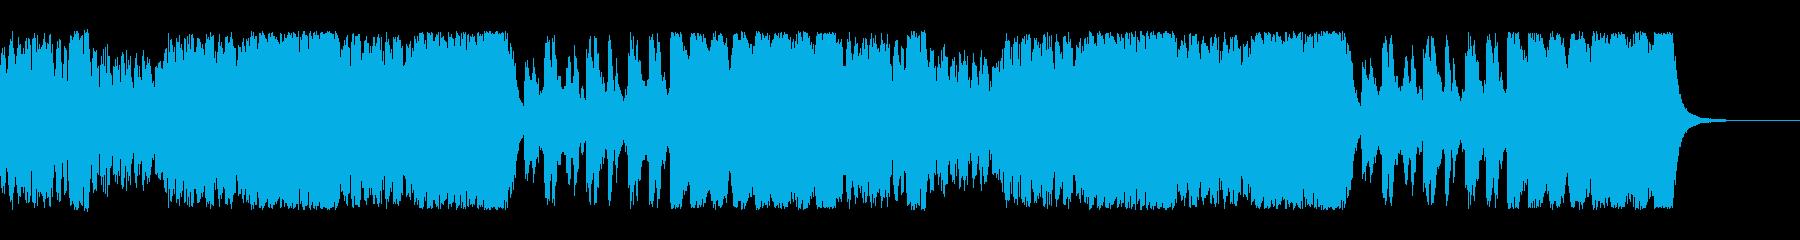 戦闘のBGM。魔法での戦闘をイメージ。の再生済みの波形